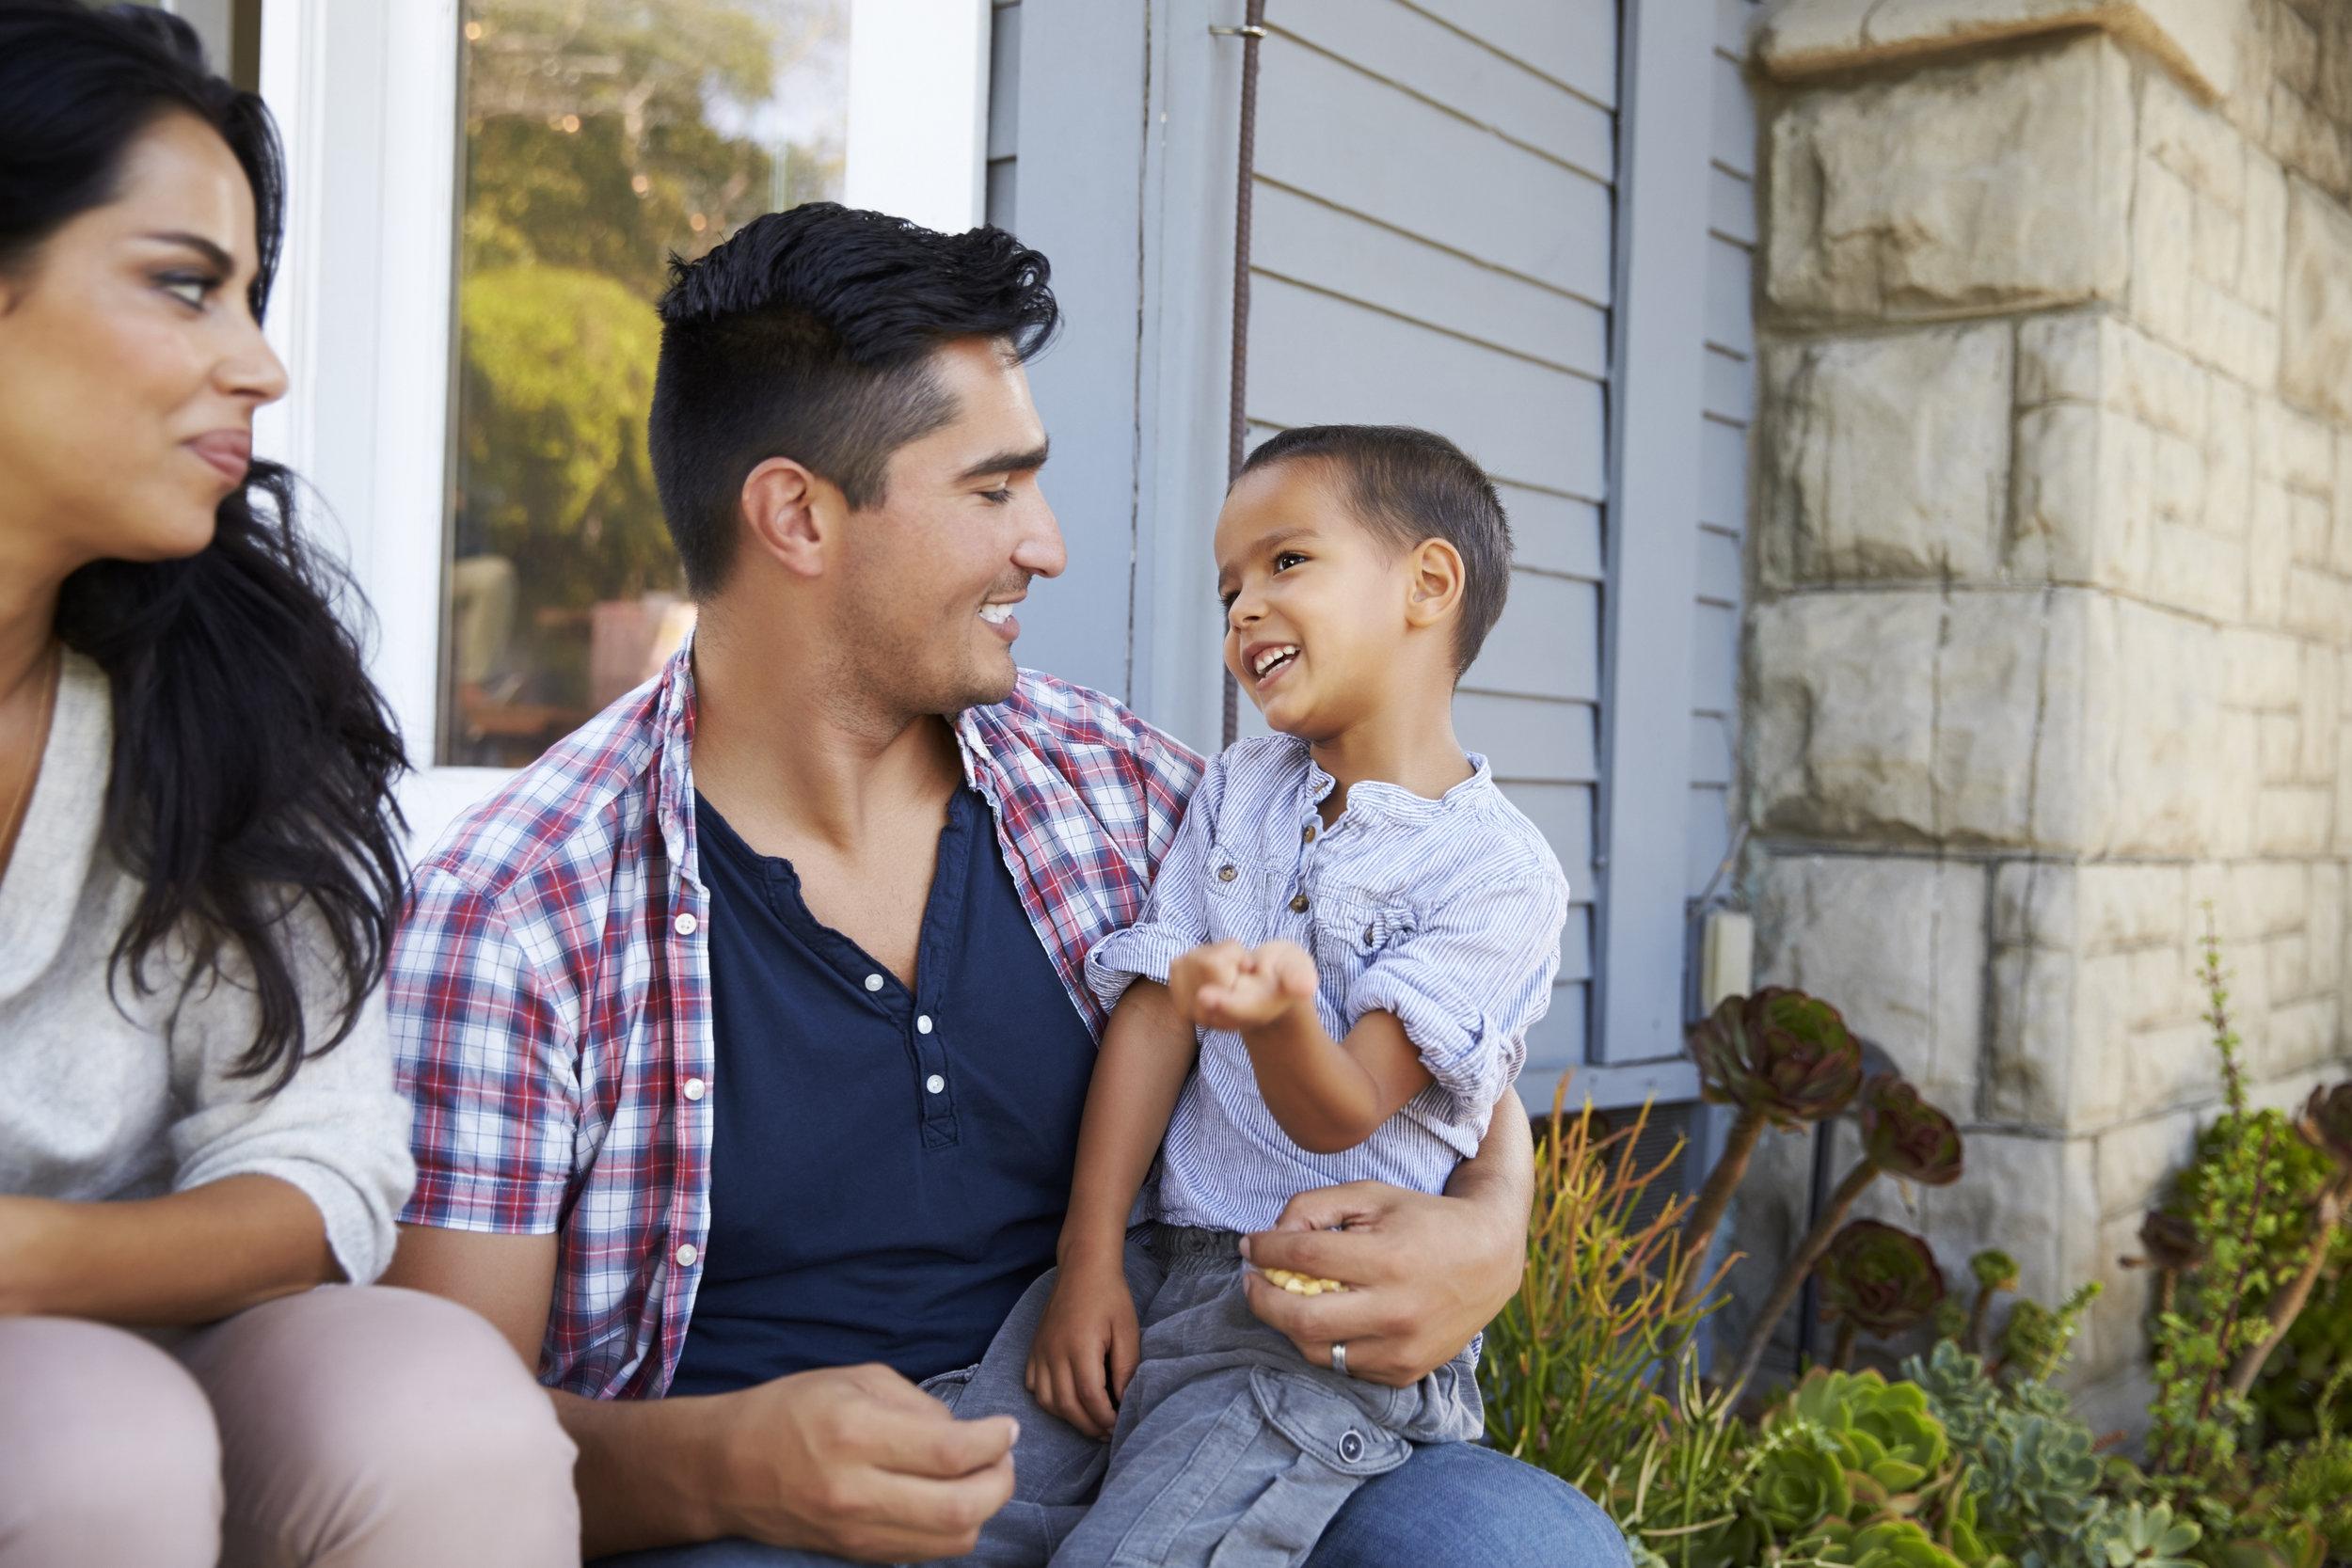 hispanic-family-baby_623294882.jpg